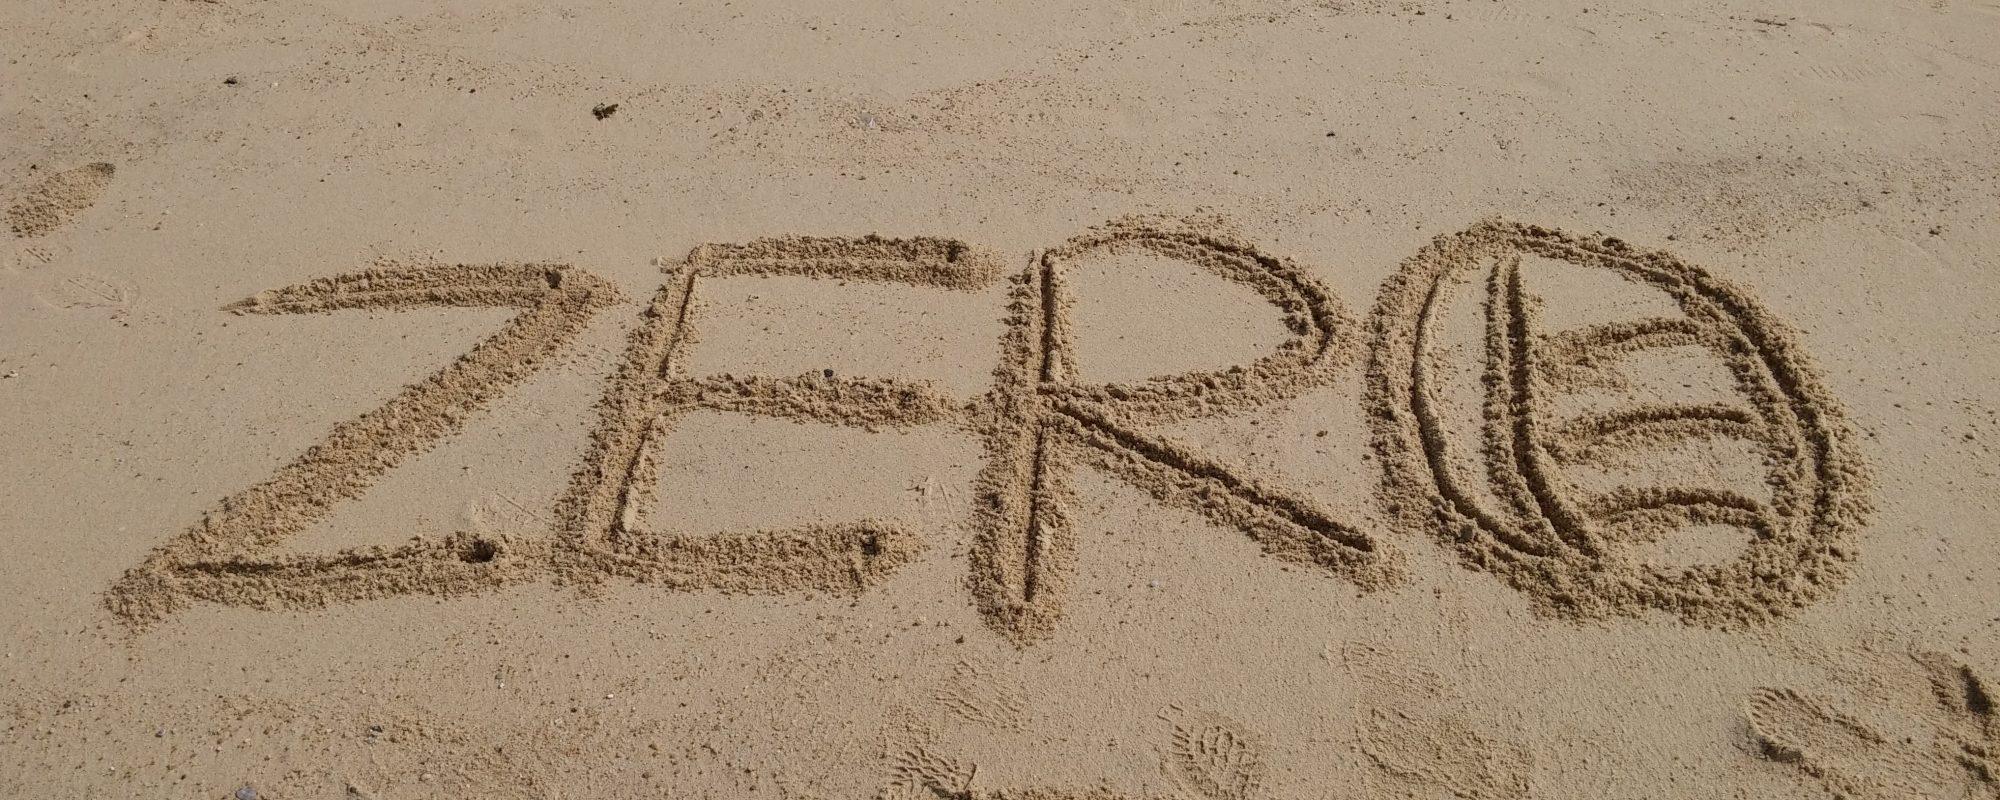 Zero sand 2 august